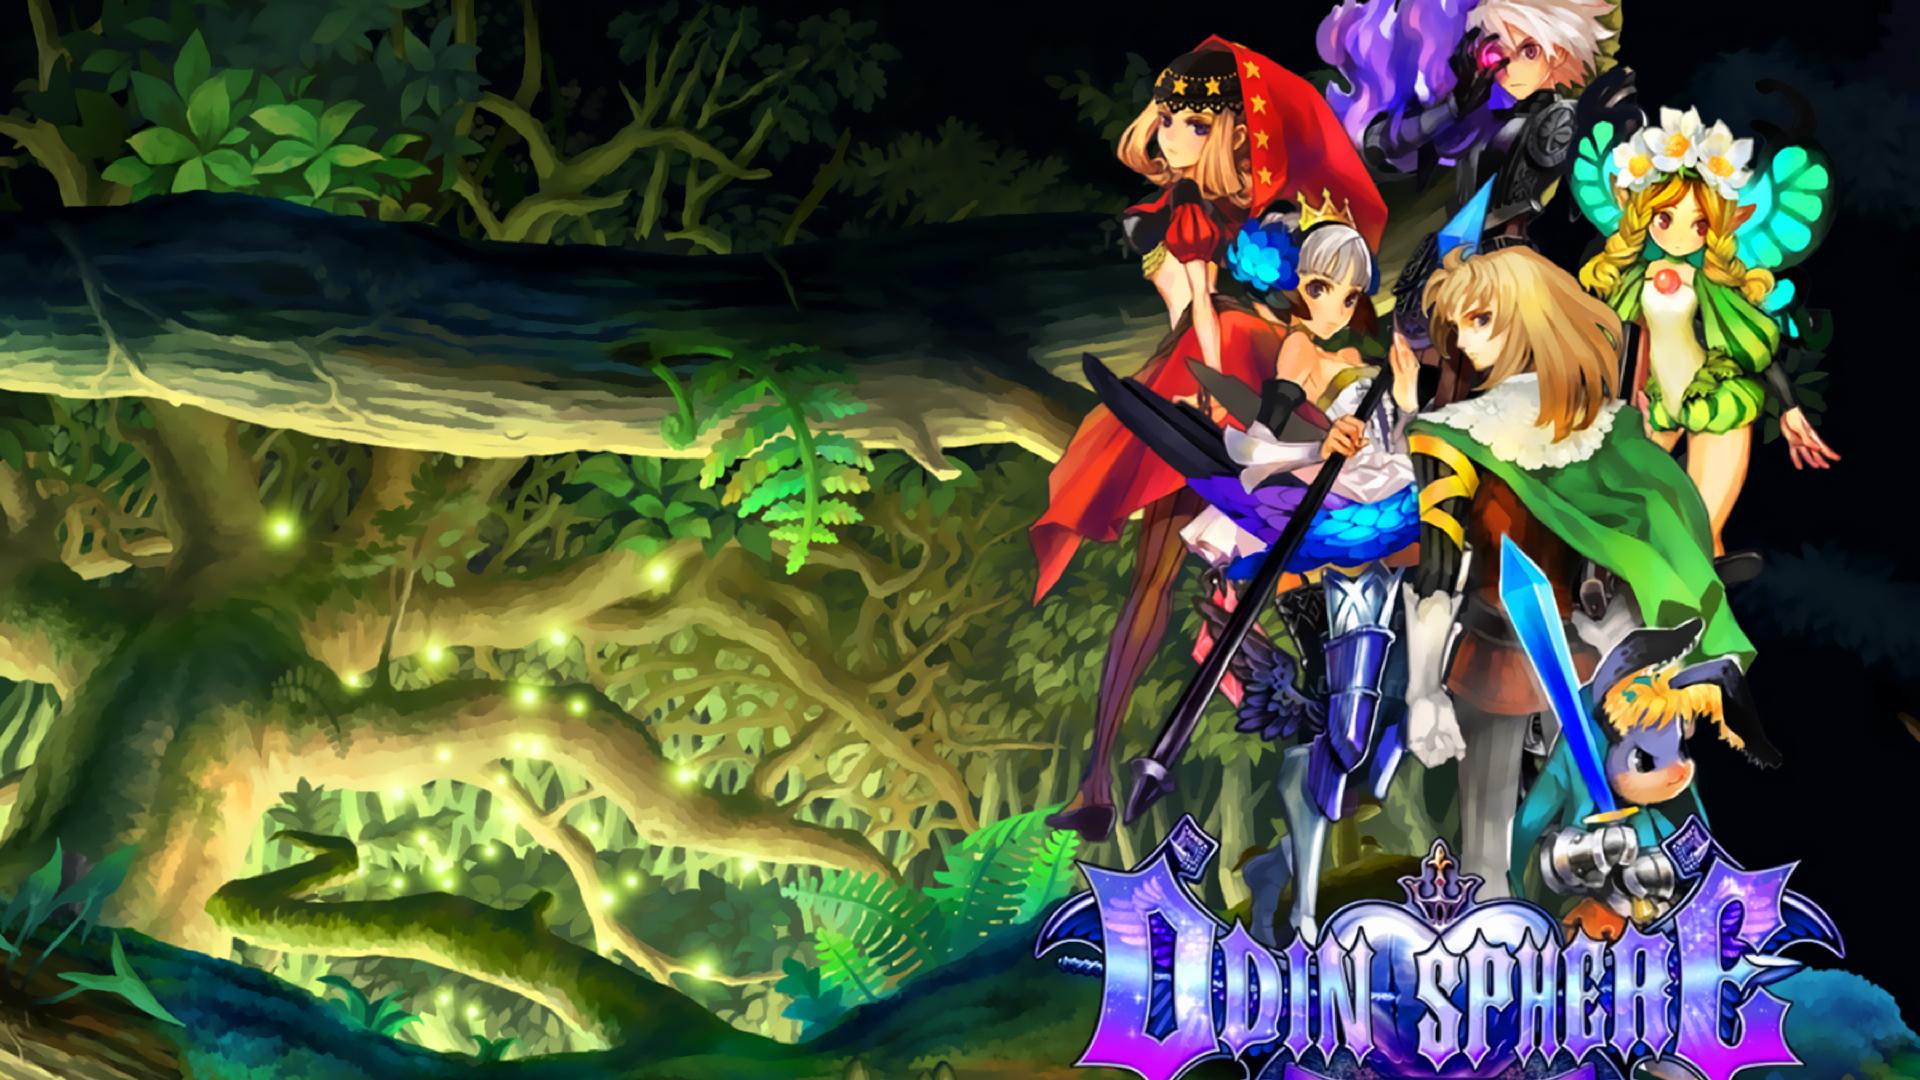 Odin sphere ps2 emulator download